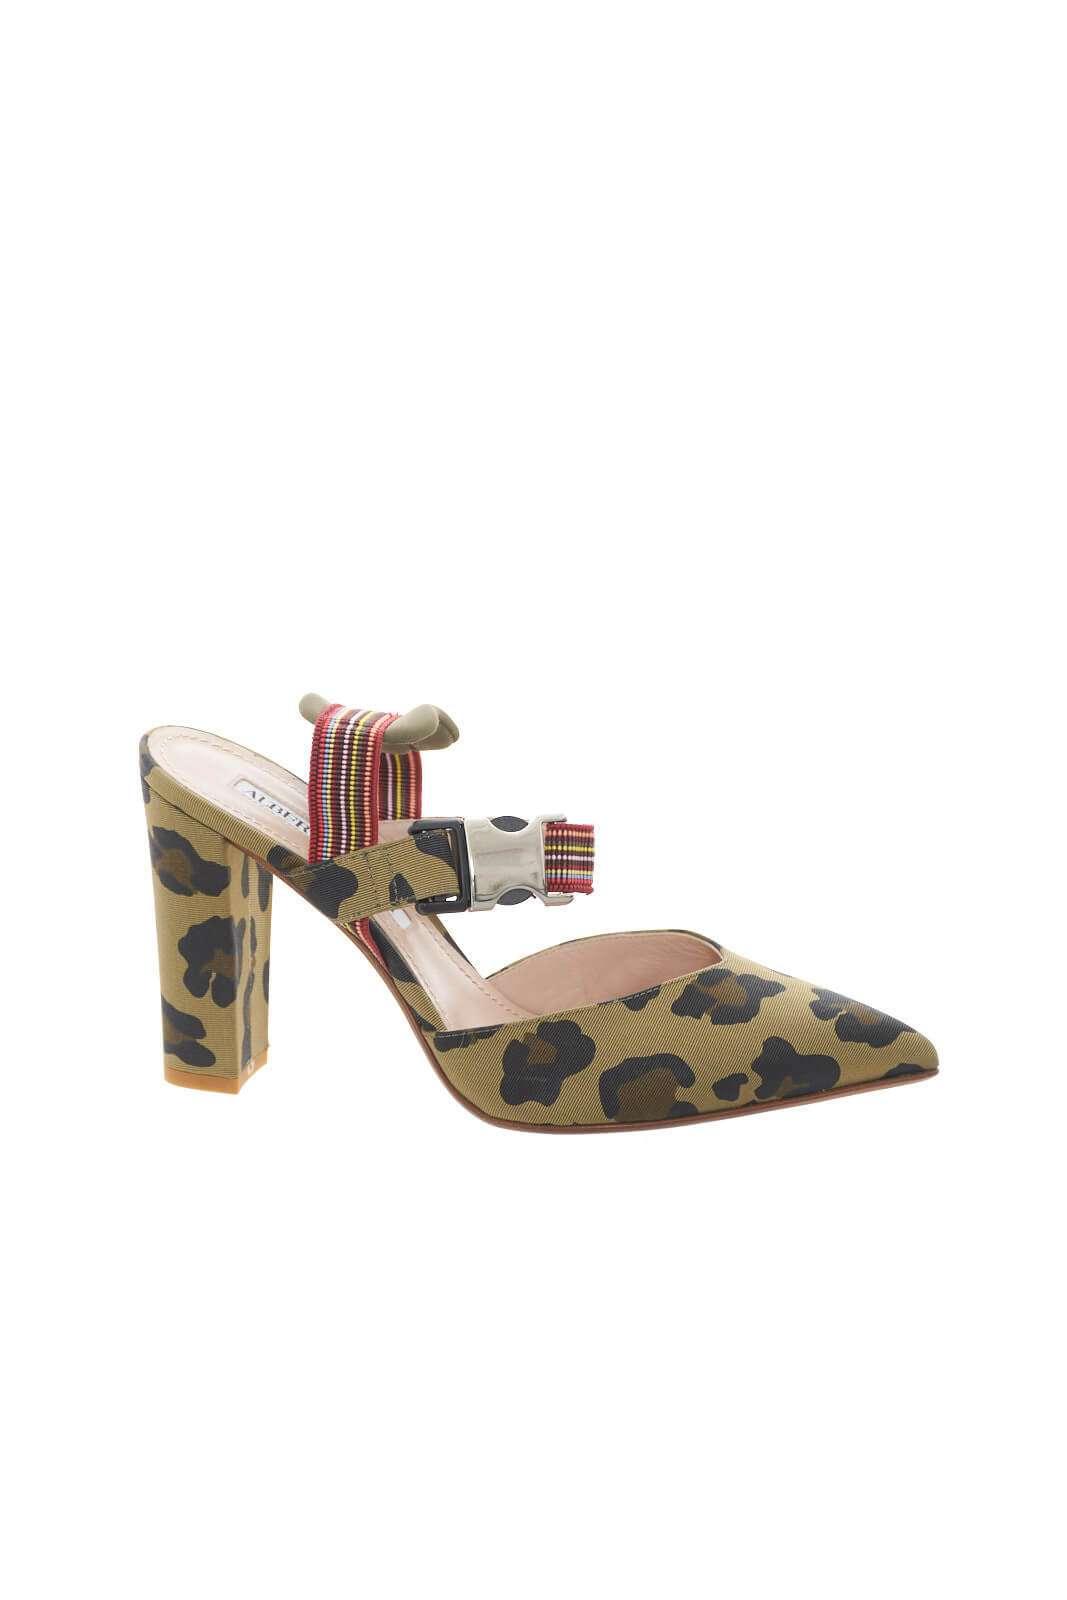 Una decolléte estrosa, perfetta per i tuoi outfit più accattivanti. Impreziosita da una fantasia maculata in contrasto di colore, la calzatura firmata Alberto Gozzi, renderà fashion ogni abbinamento, per un aspetto sempre alla moda.